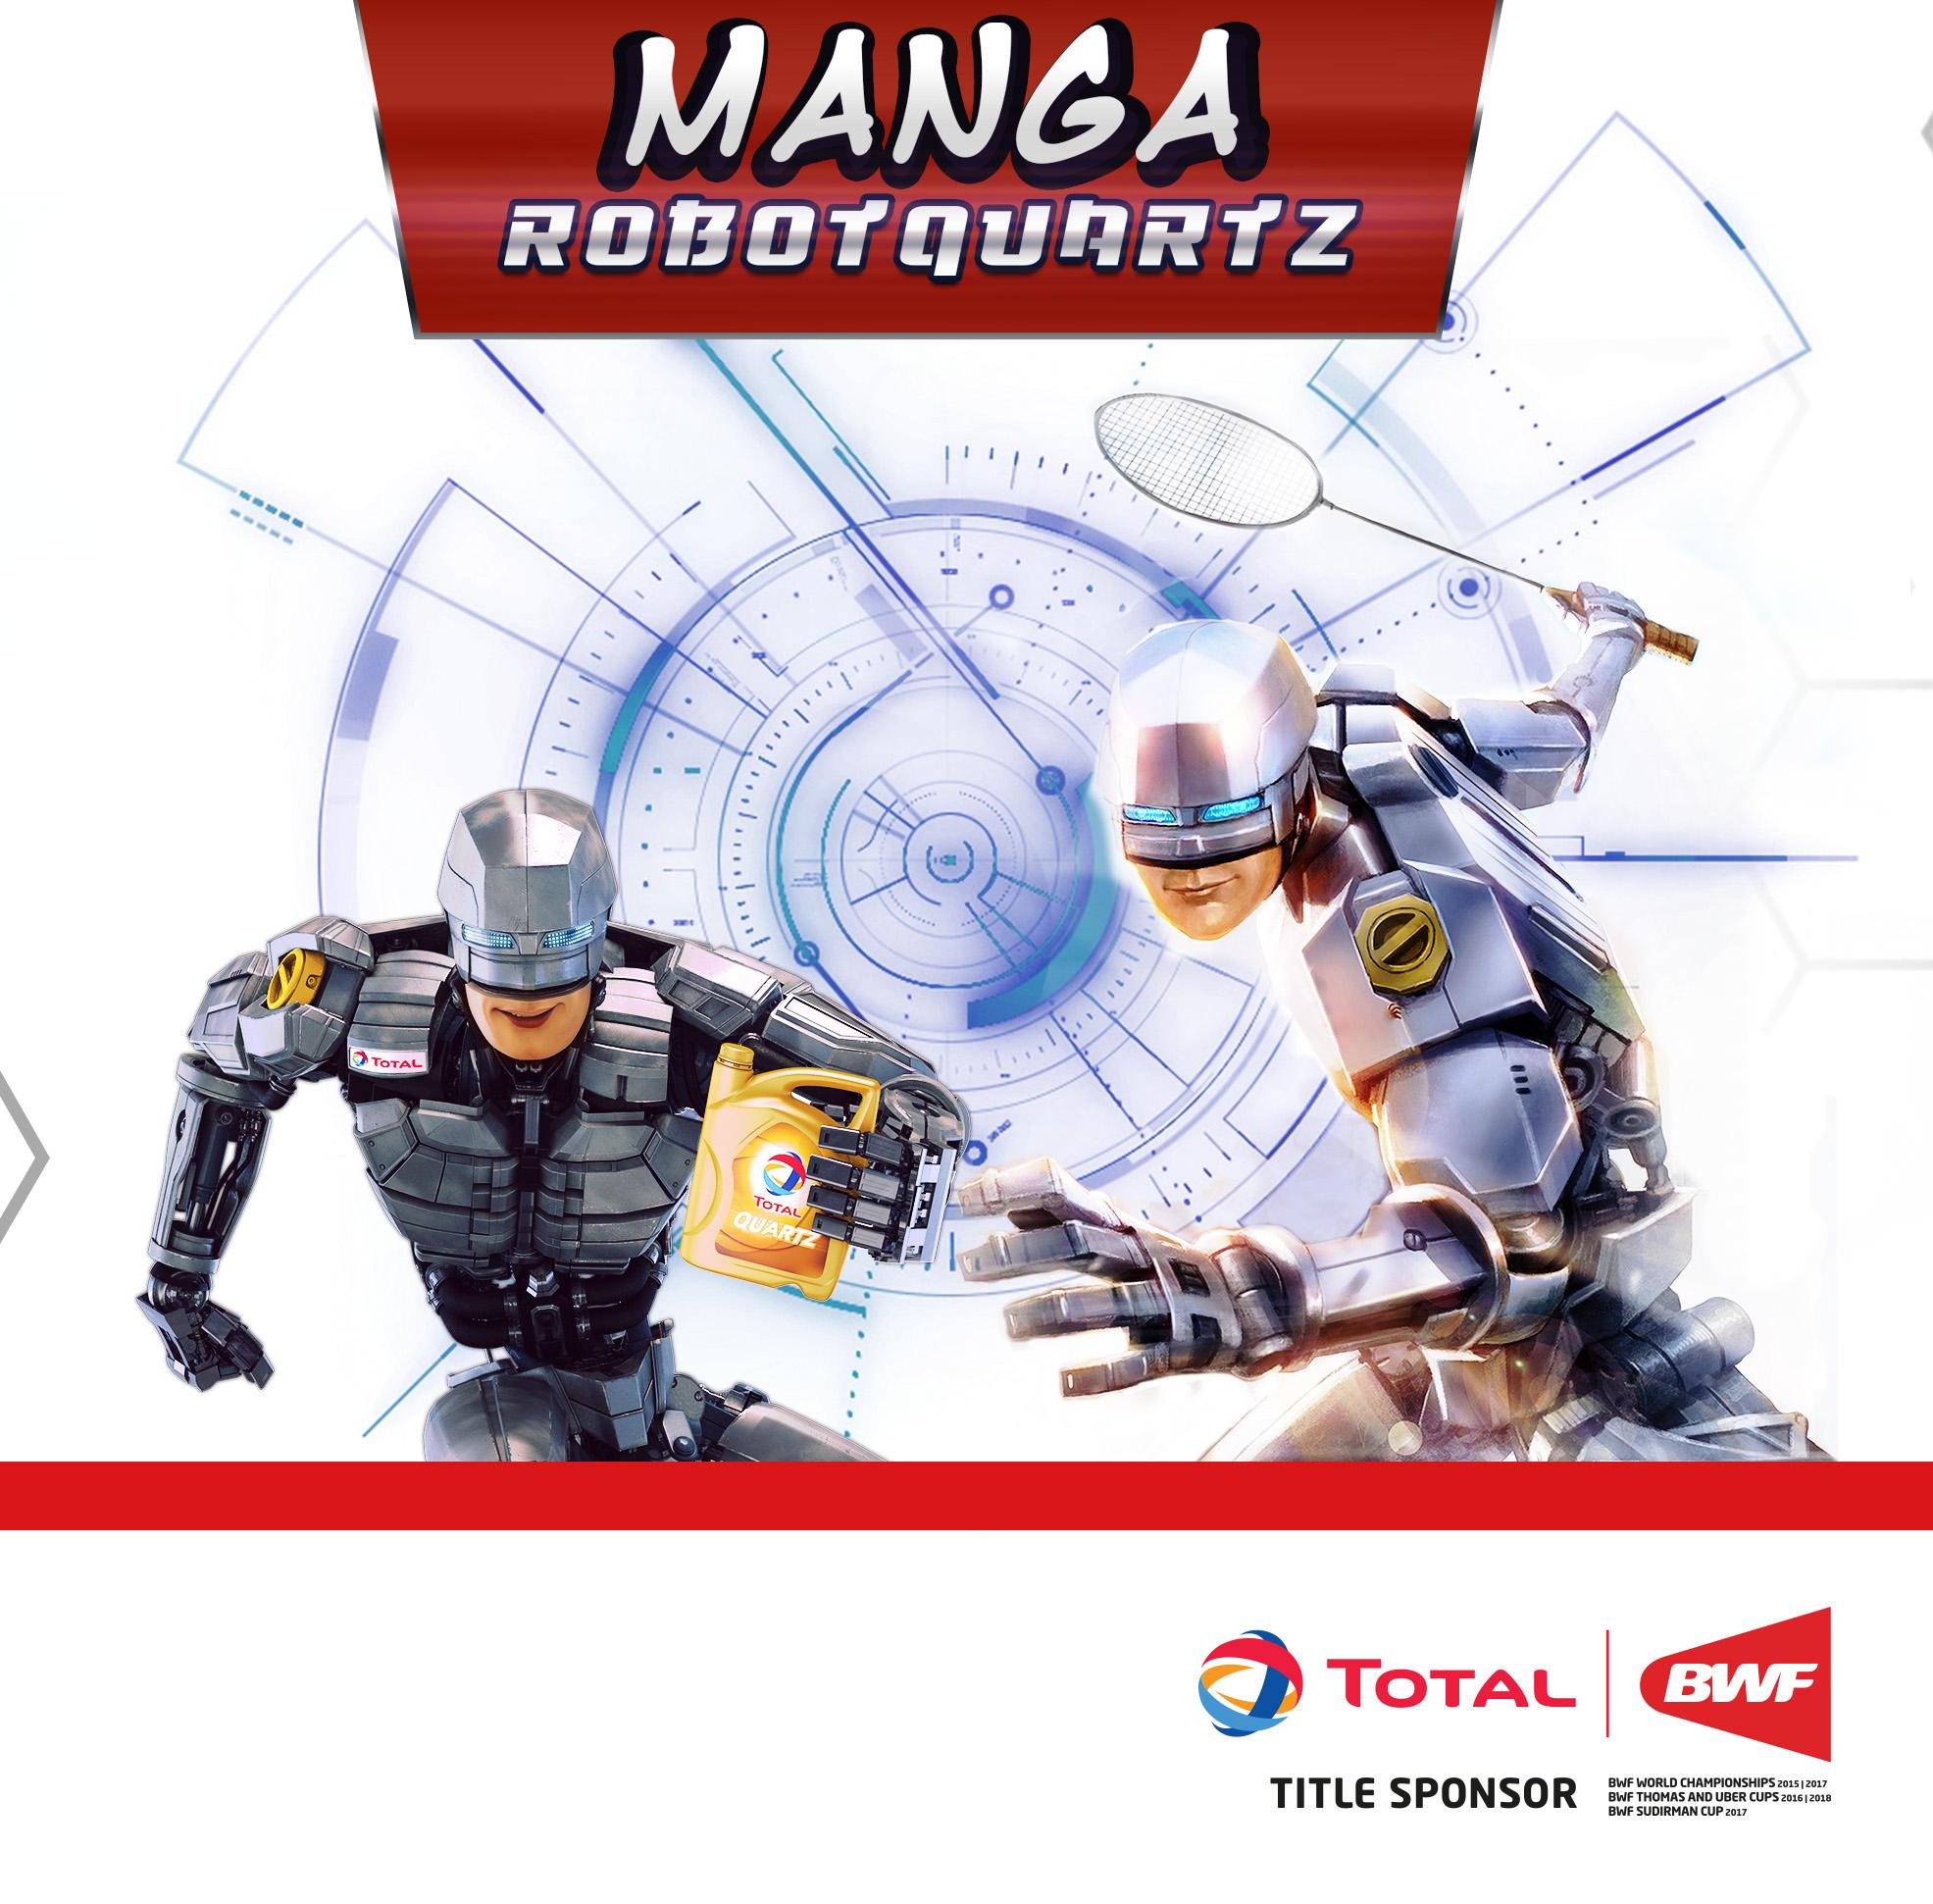 Manga RobotQuartz Contest